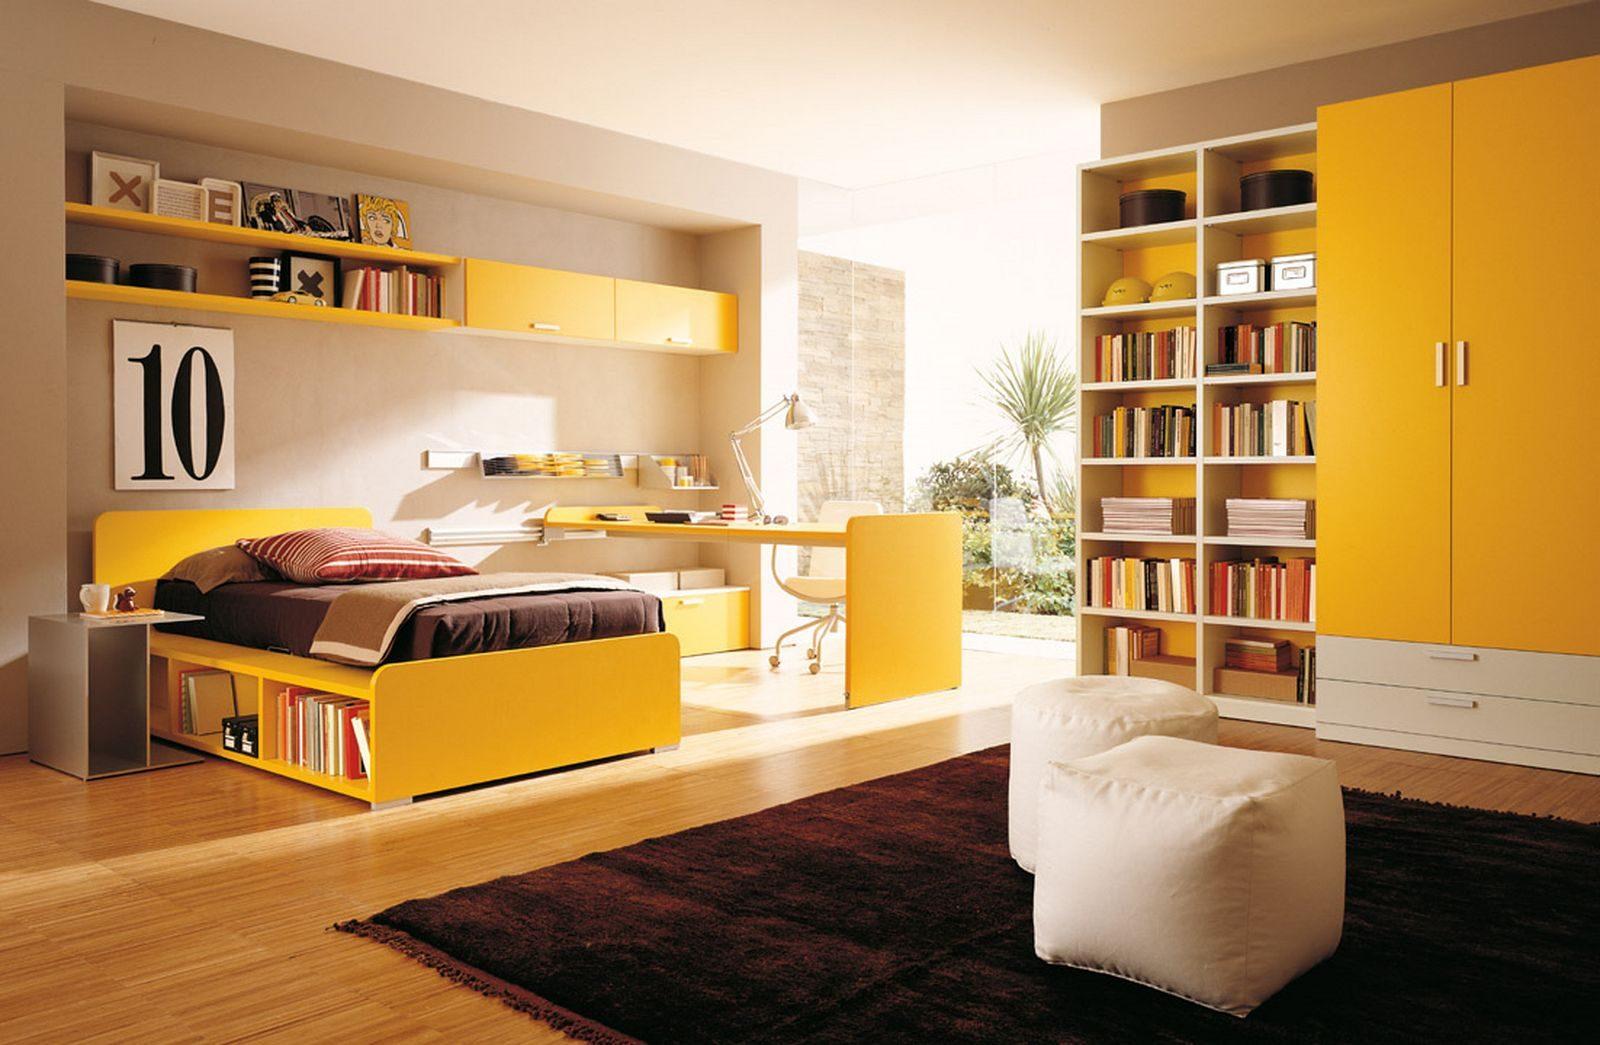 Dormitorio Juvenil En Tonos Amarillos Im Genes Y Fotos